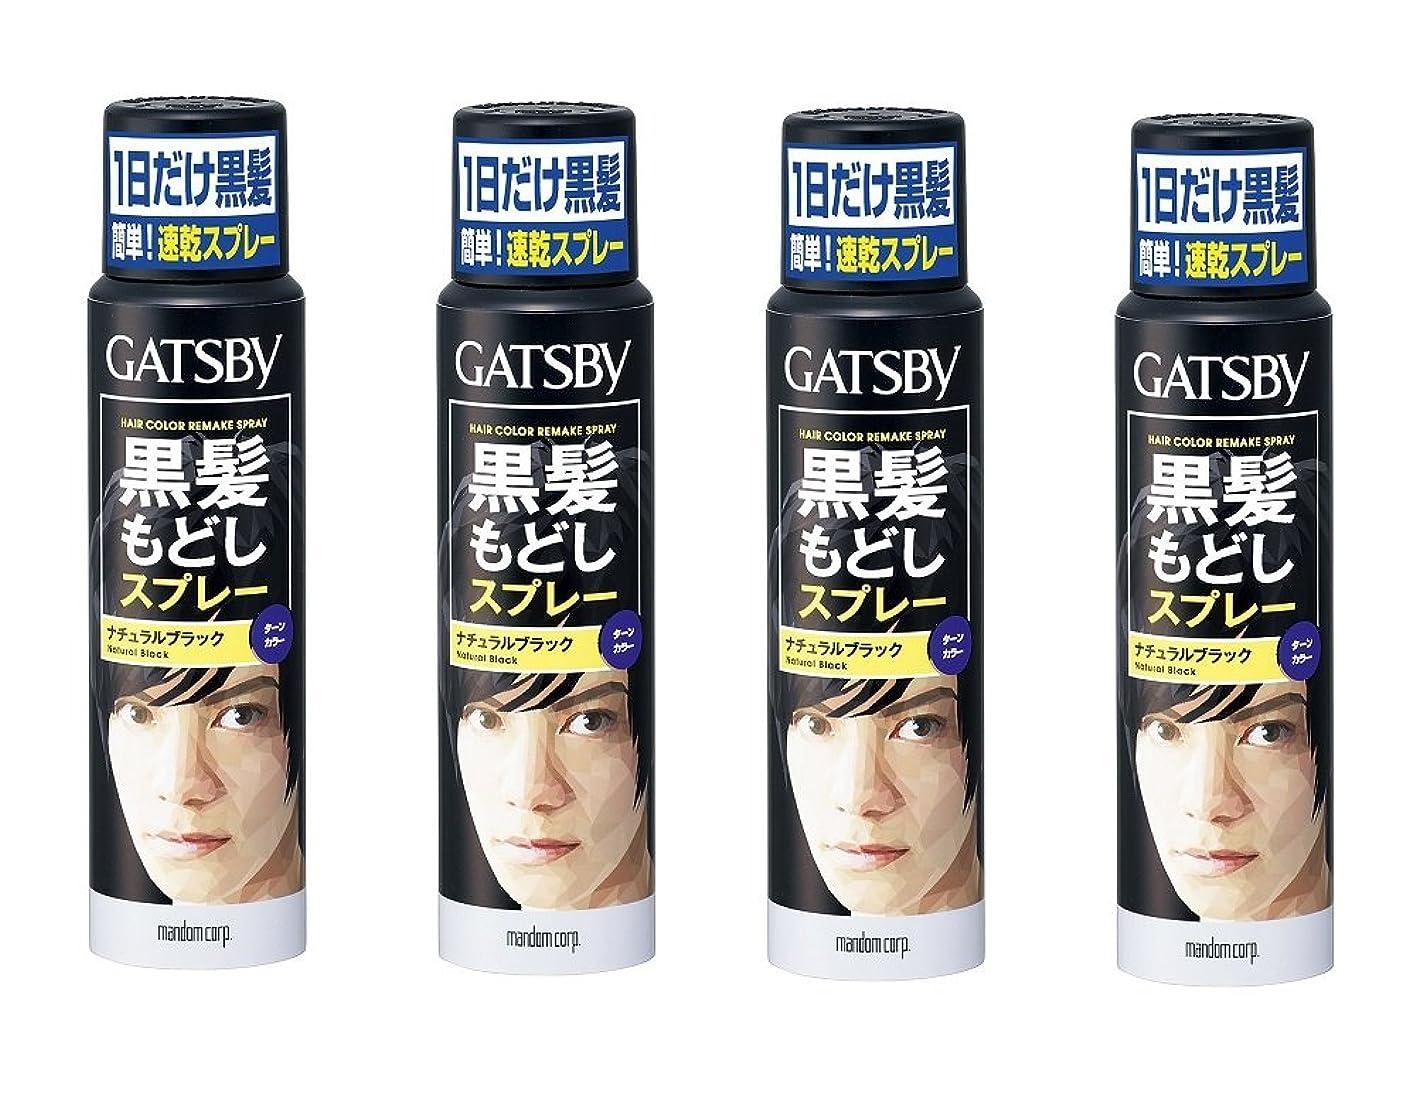 何故なのアドバイス程度【まとめ買い】GATSBY (ギャツビー) ターンカラースプレー ナチュラルブラック 60g×4個